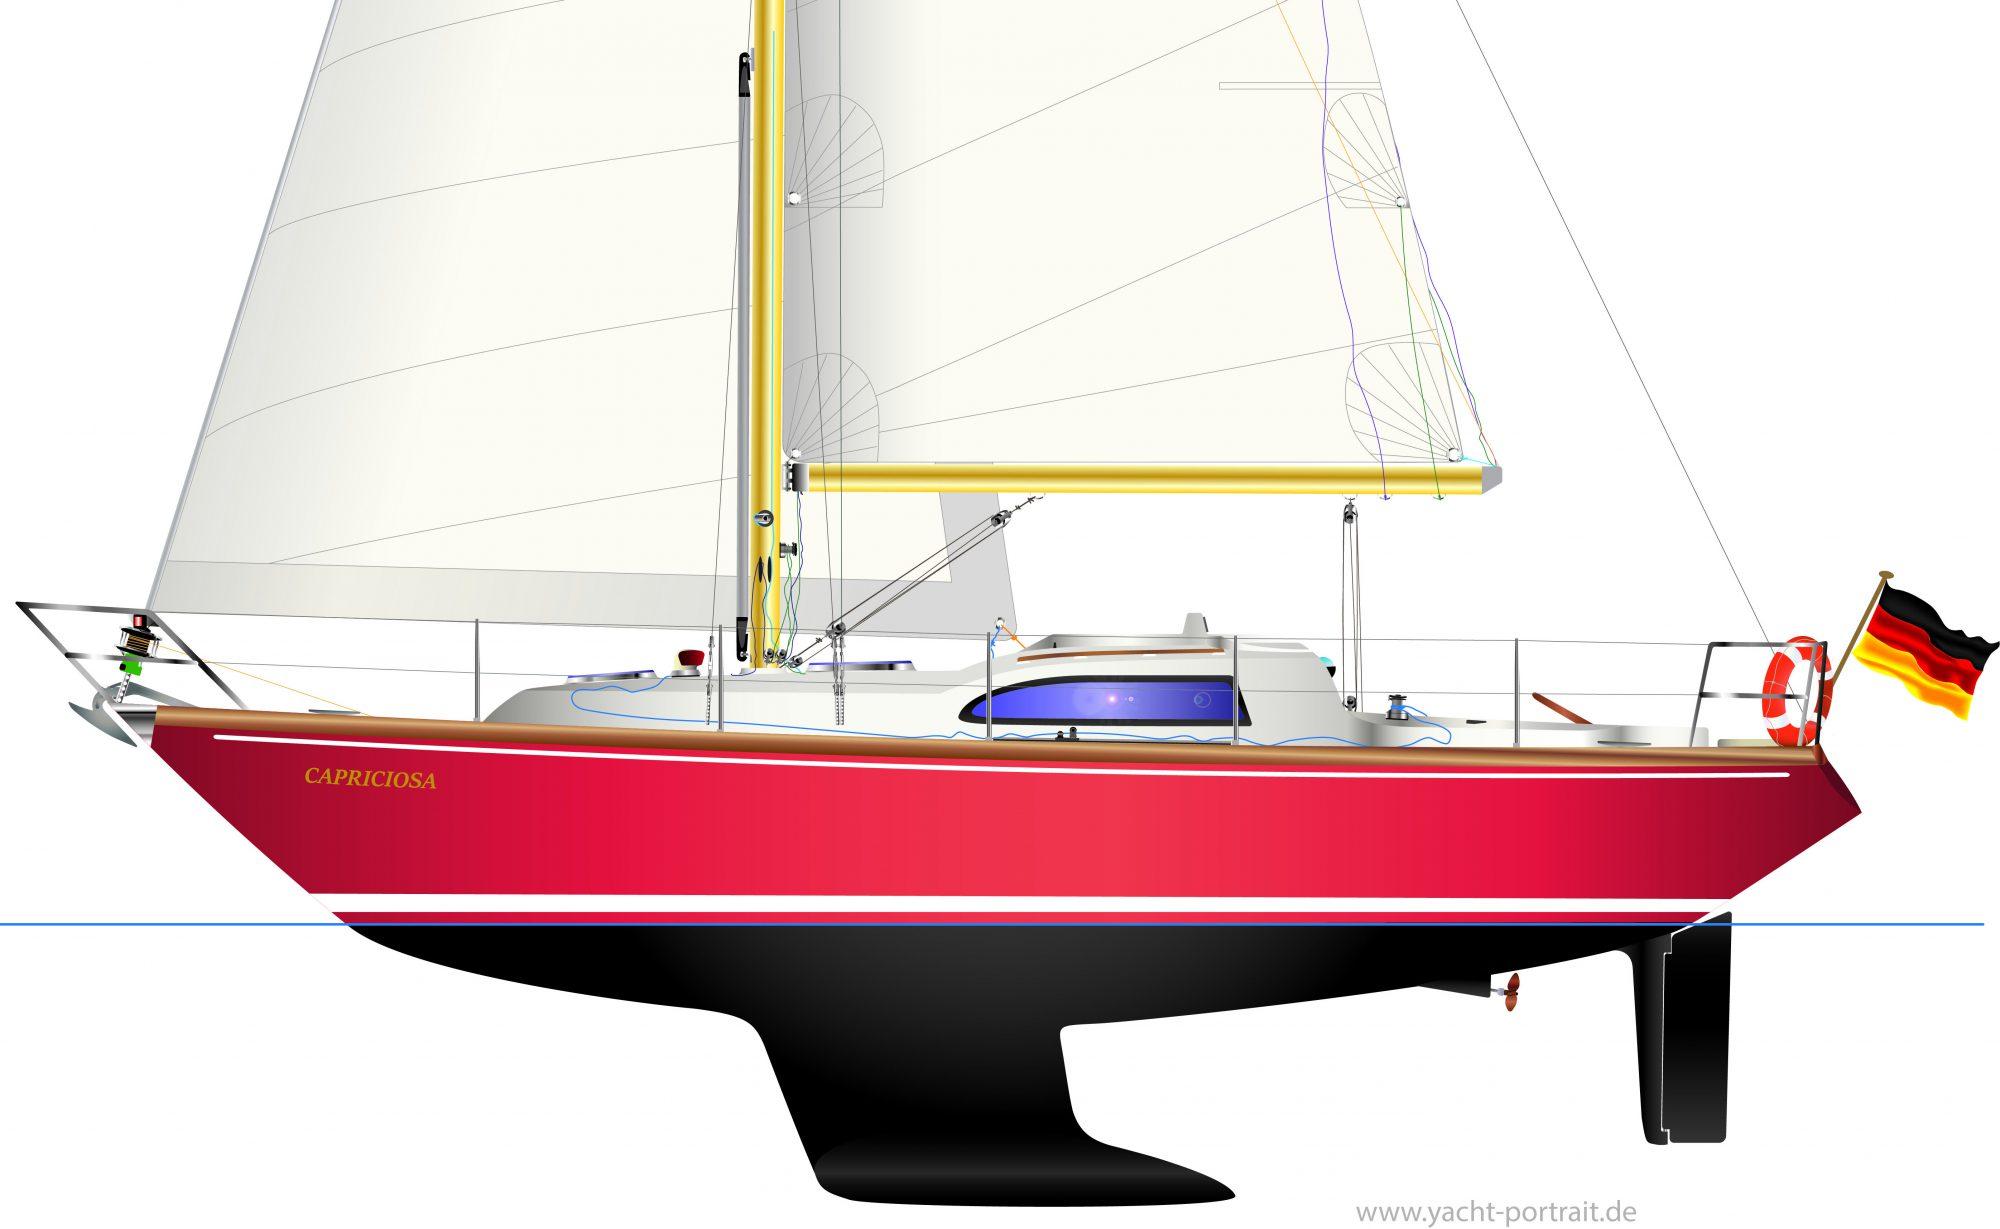 Mein Yacht-Portrait